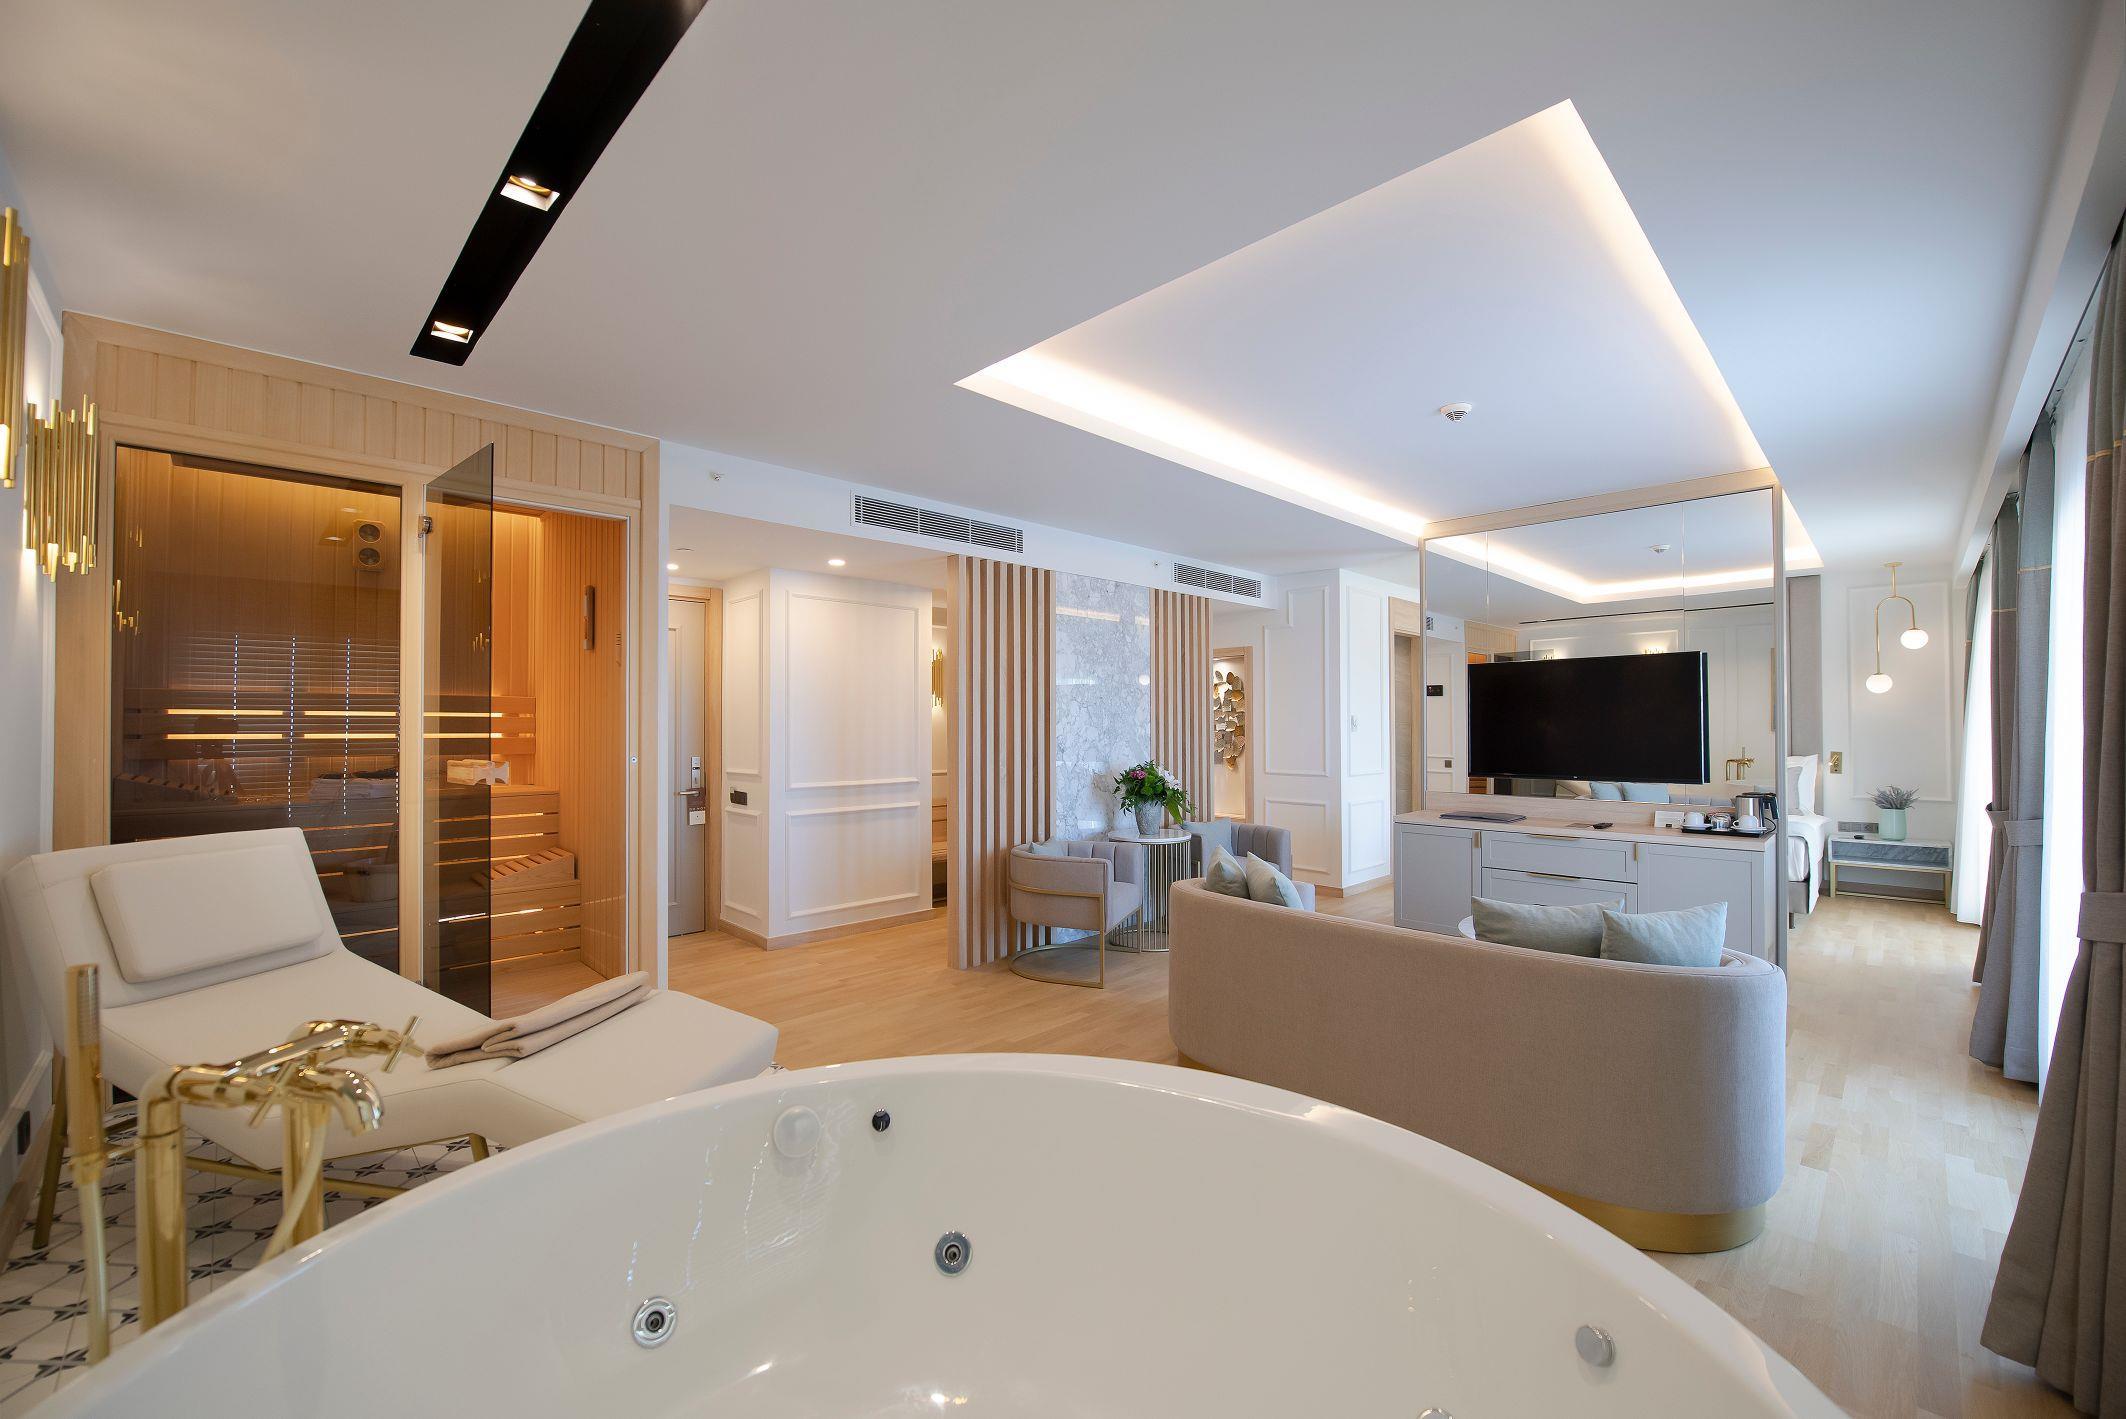 http://www.orextravel.sk/OREX/hotelphotos/miramare-queen-hotel-general-004.jpg